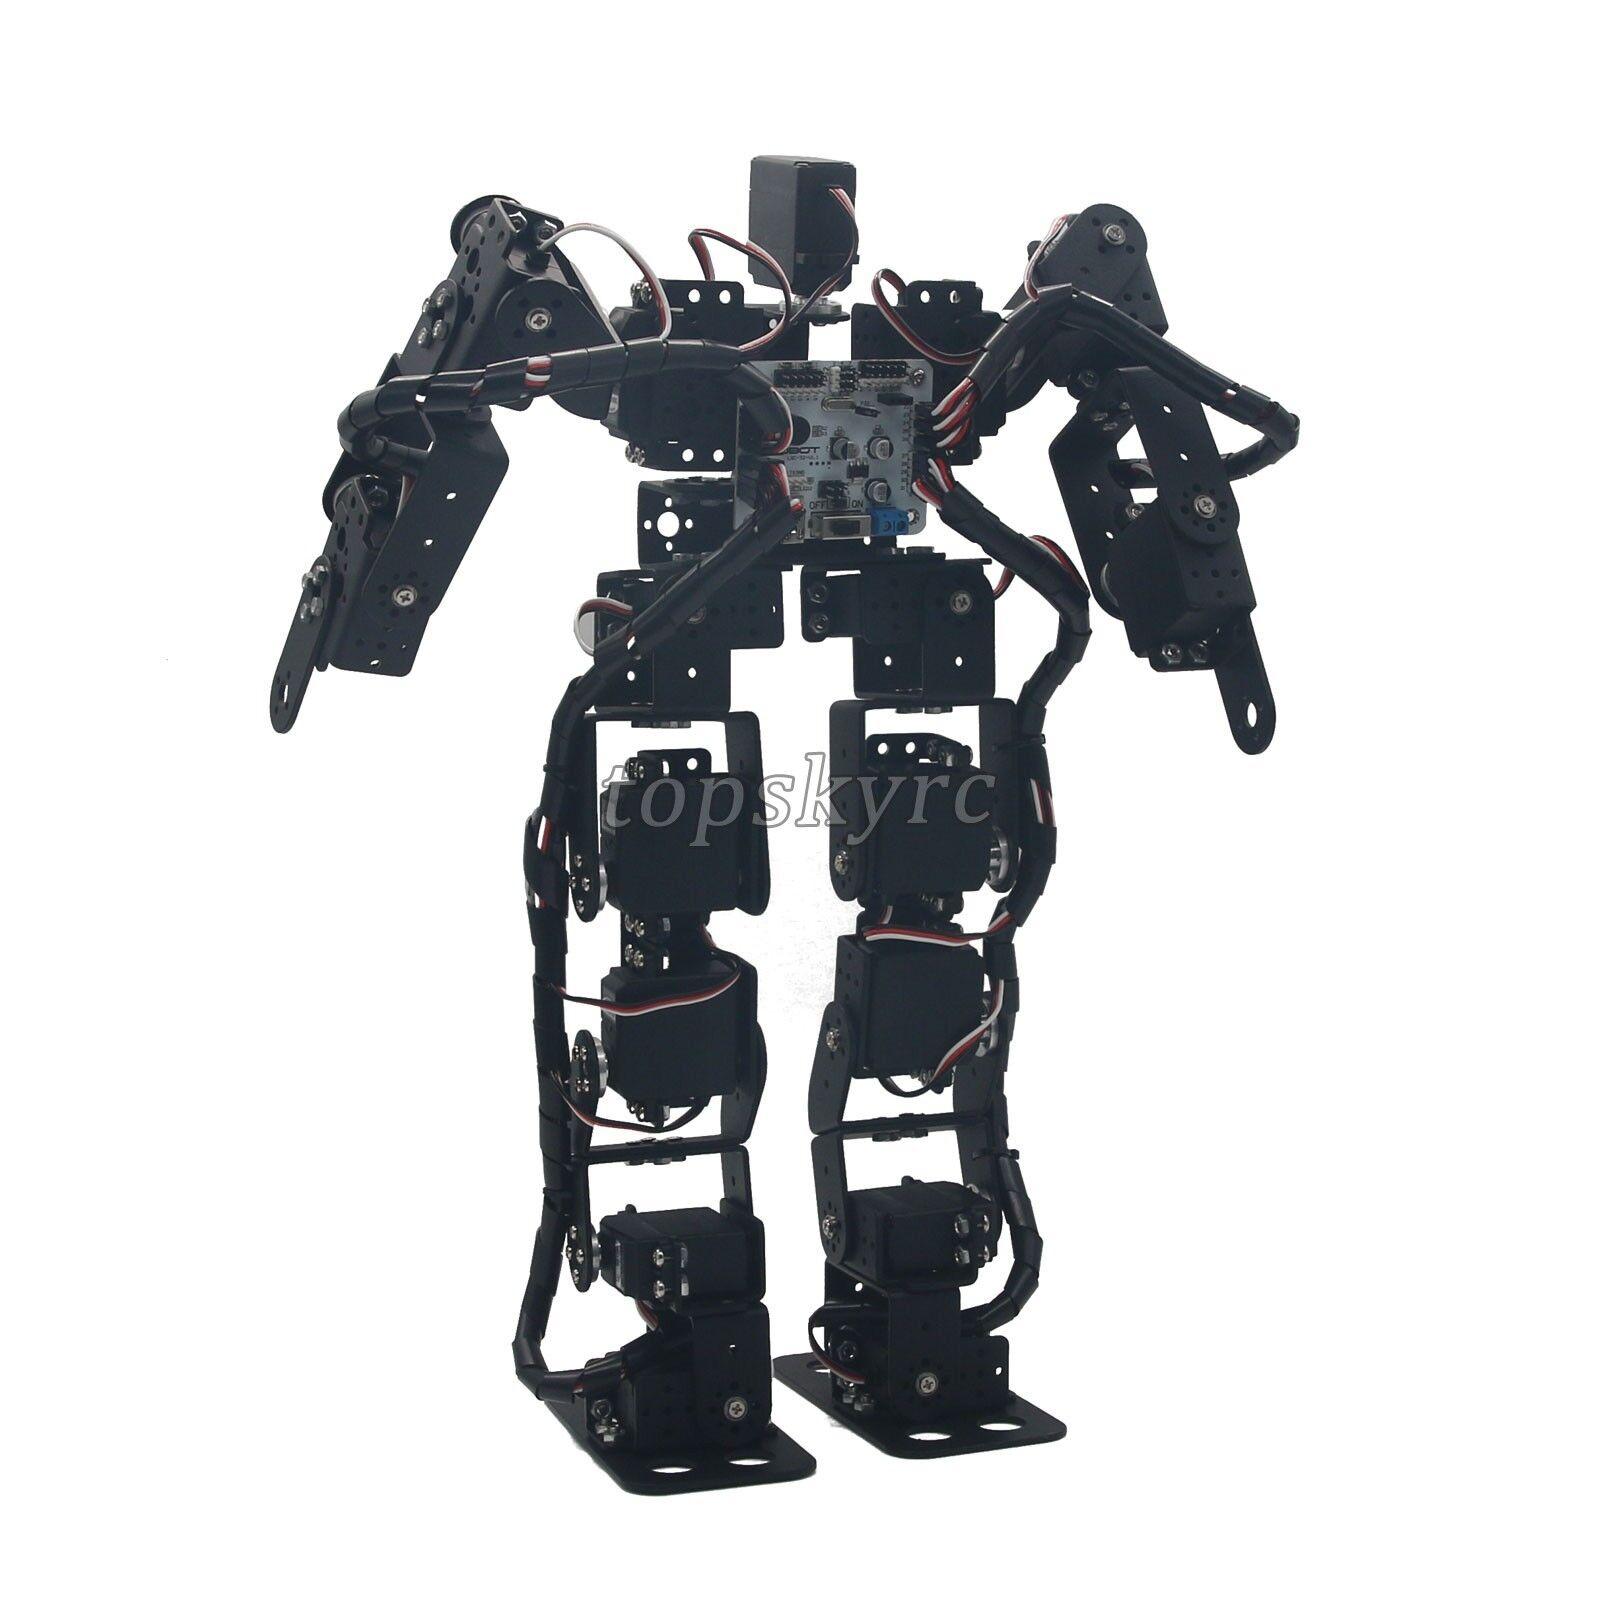 17DOF bipède Robot  éducatif Robot Kit Servo Support RouleHommest à billes tpys SZ    authentique en ligne